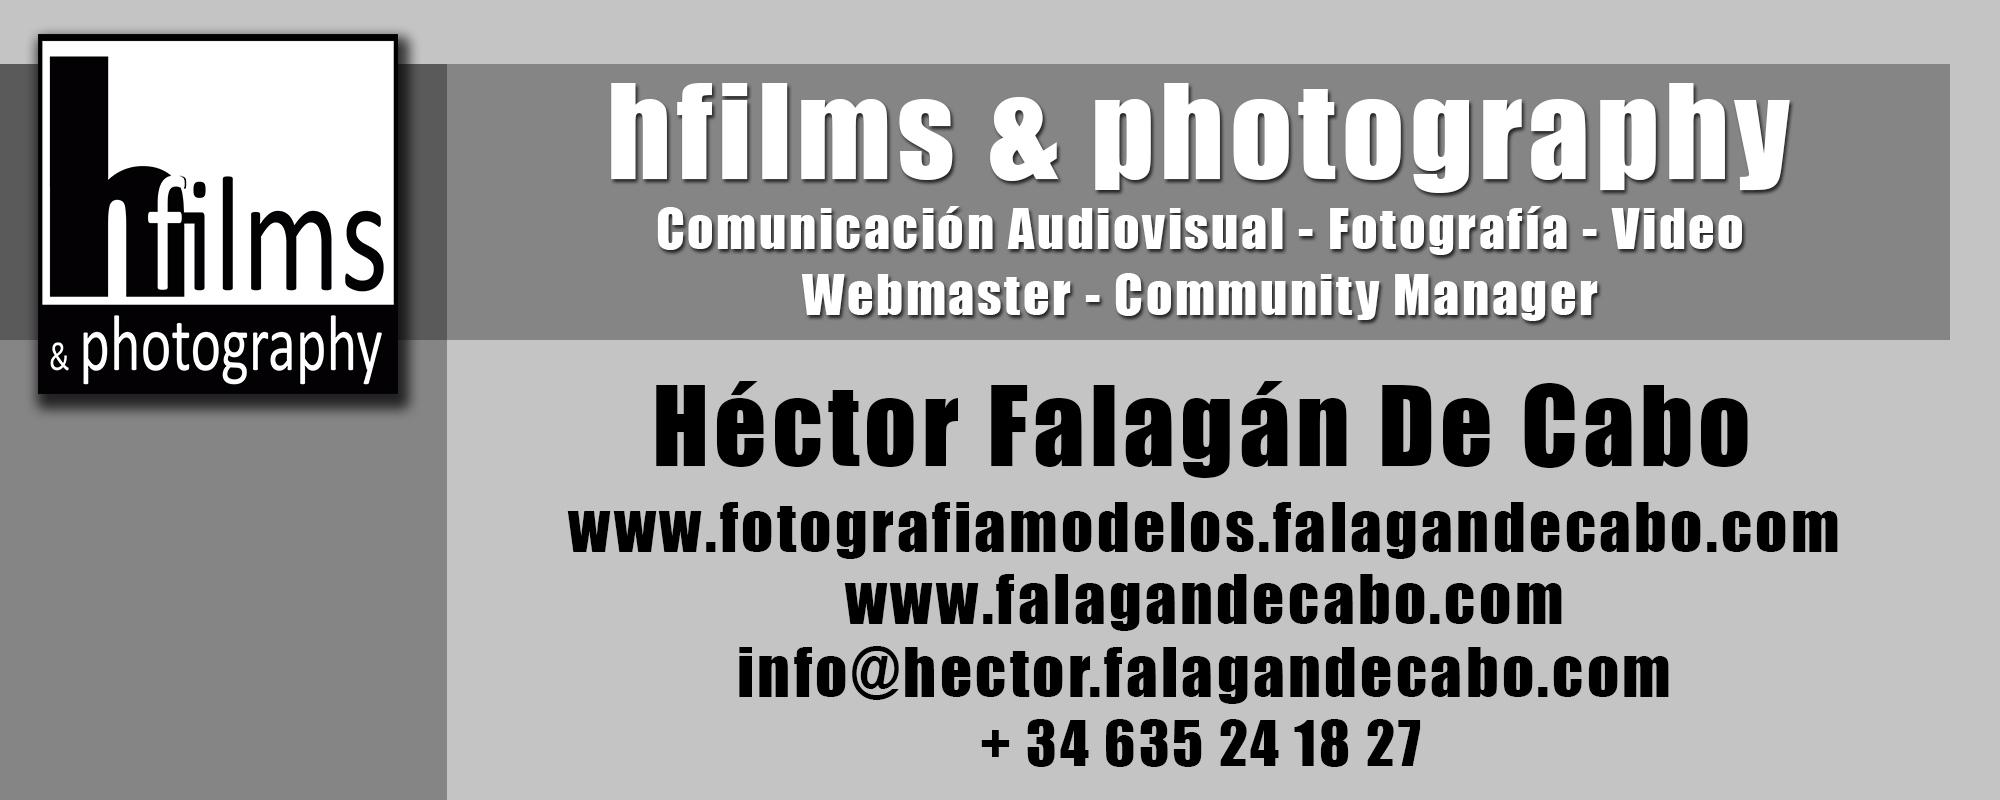 Héctor Falagán De Cabo. Webmaster - Community Manager. ((( contacto: Clic sobre este banner )))